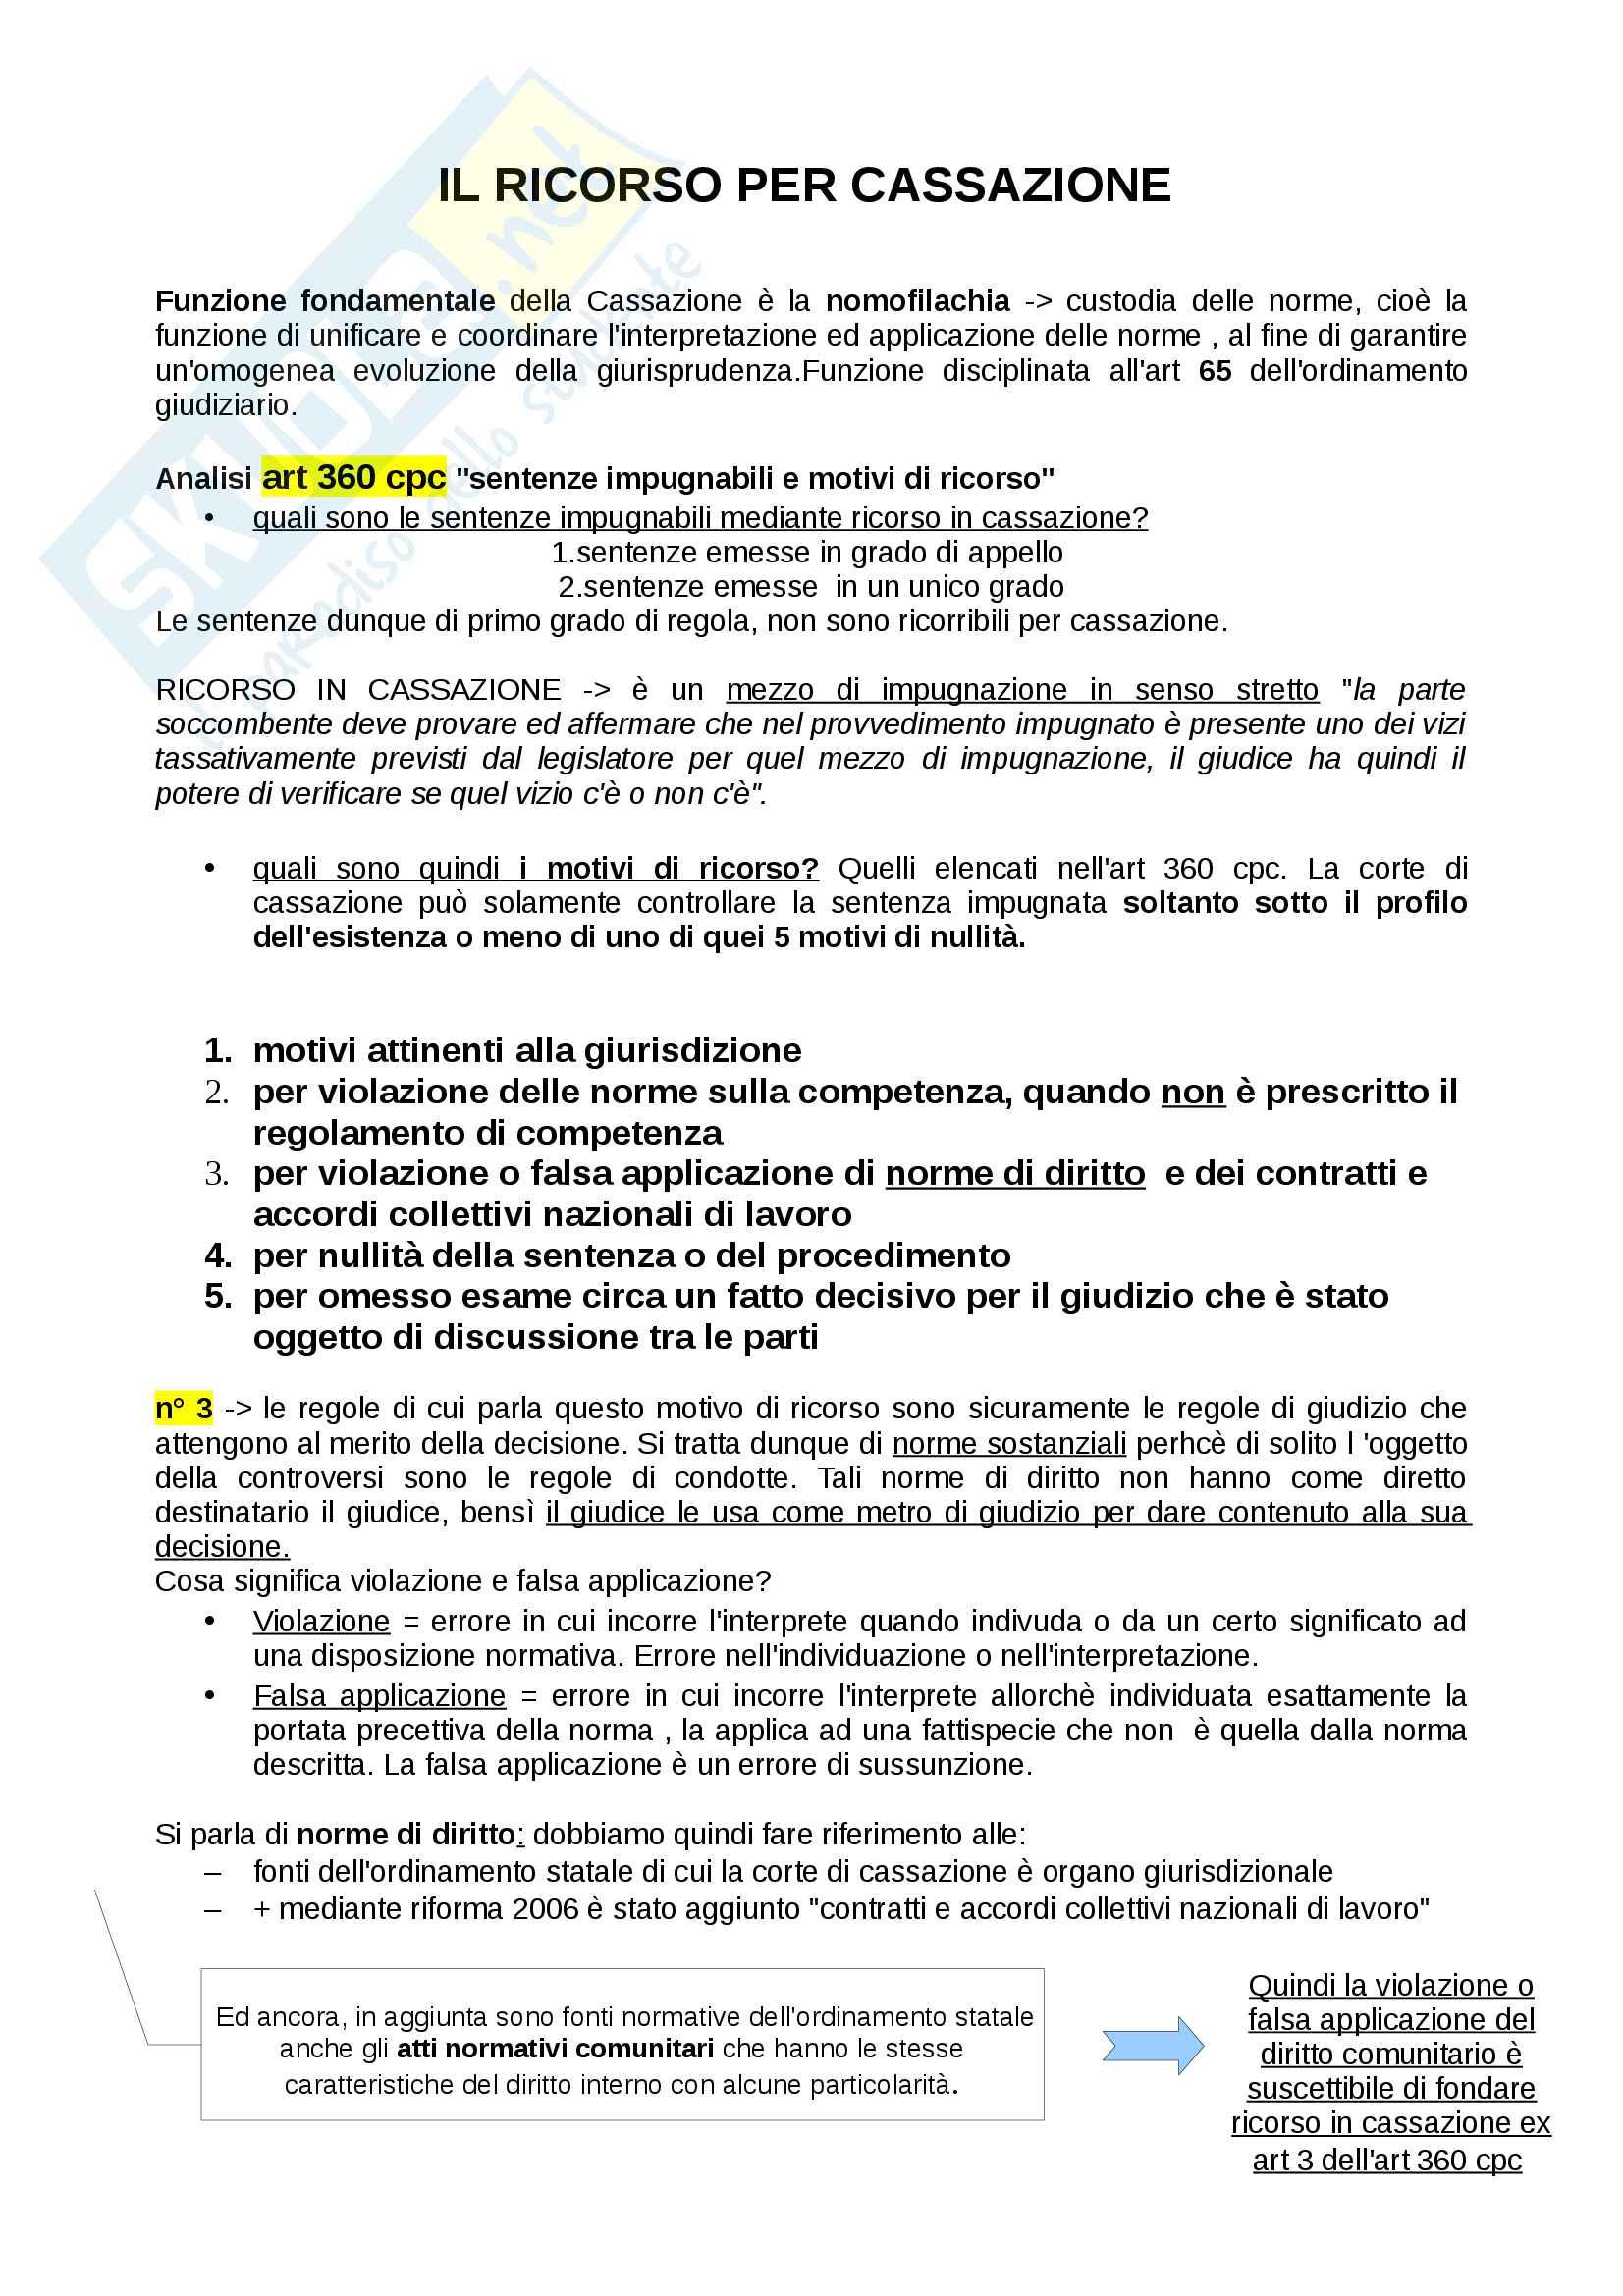 Diritto processuale civile: il ricorso in cassazione